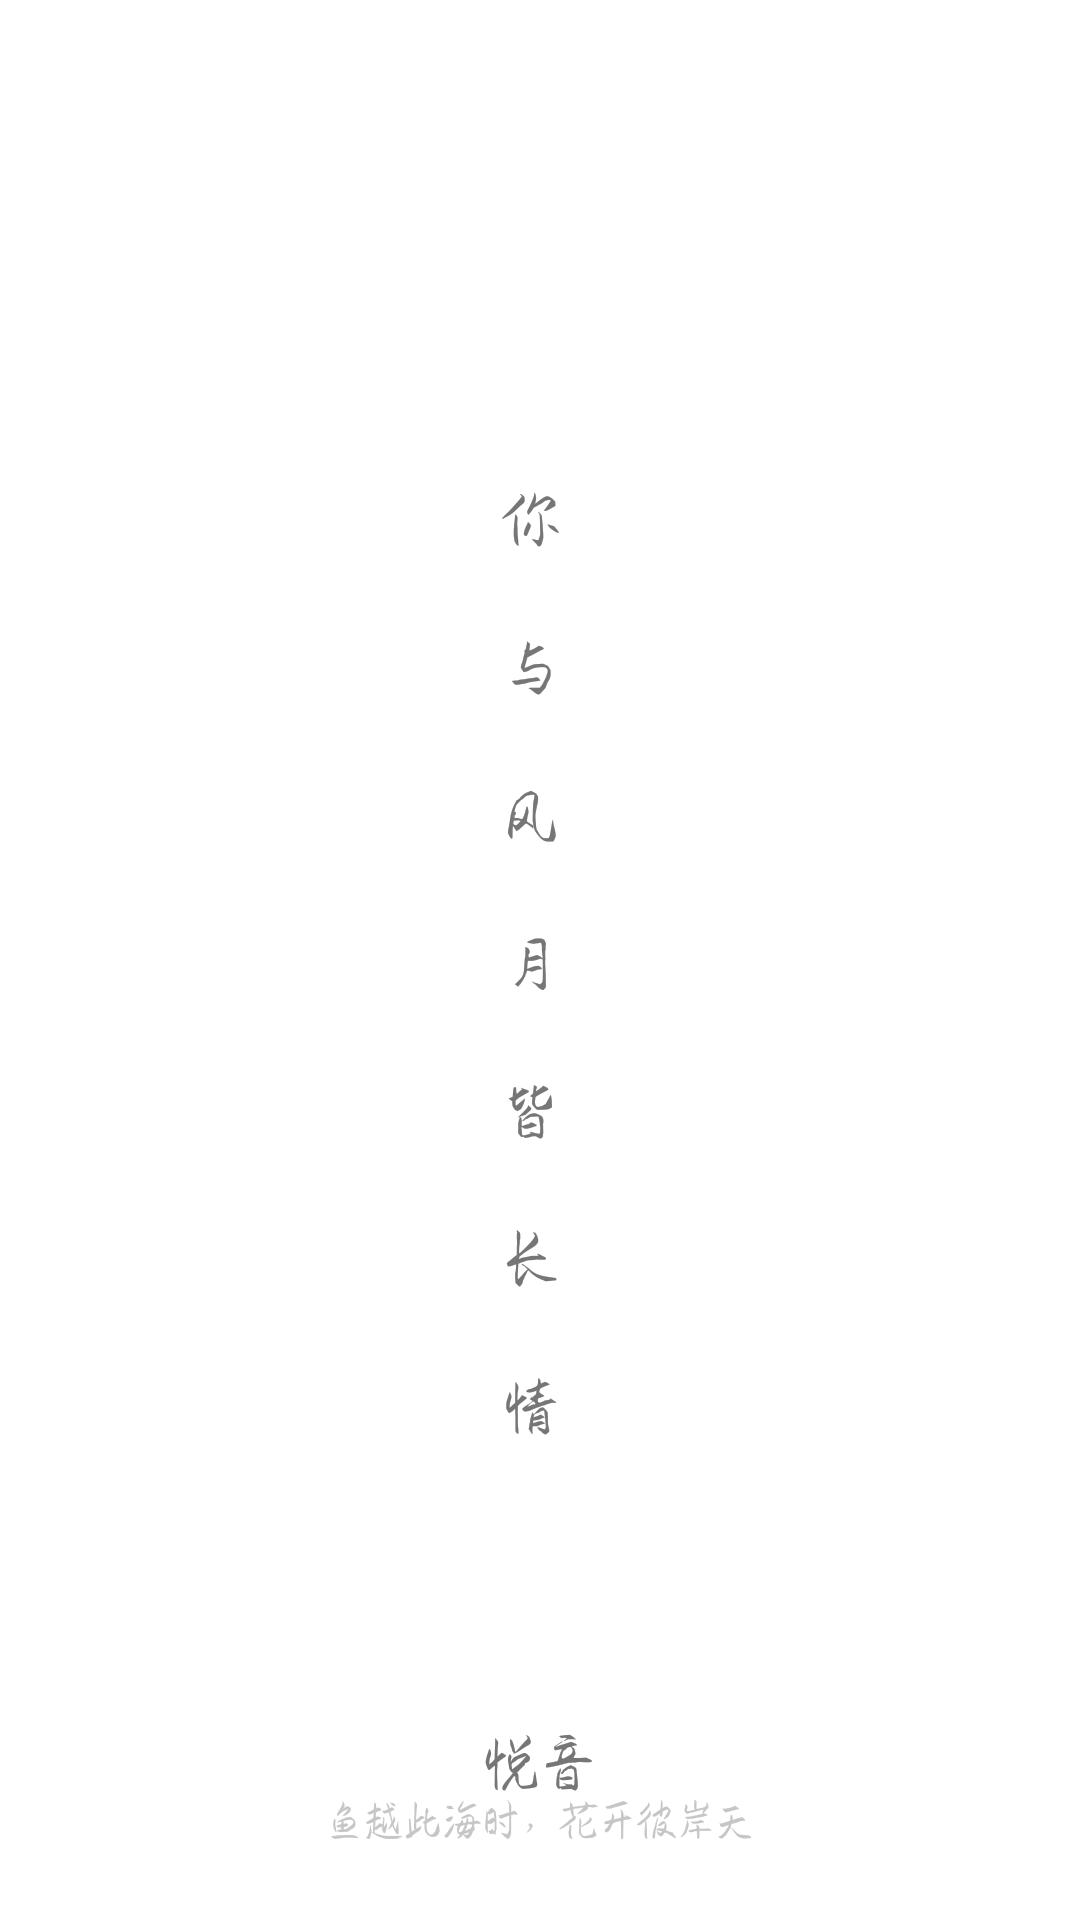 悦音 v1.0截图